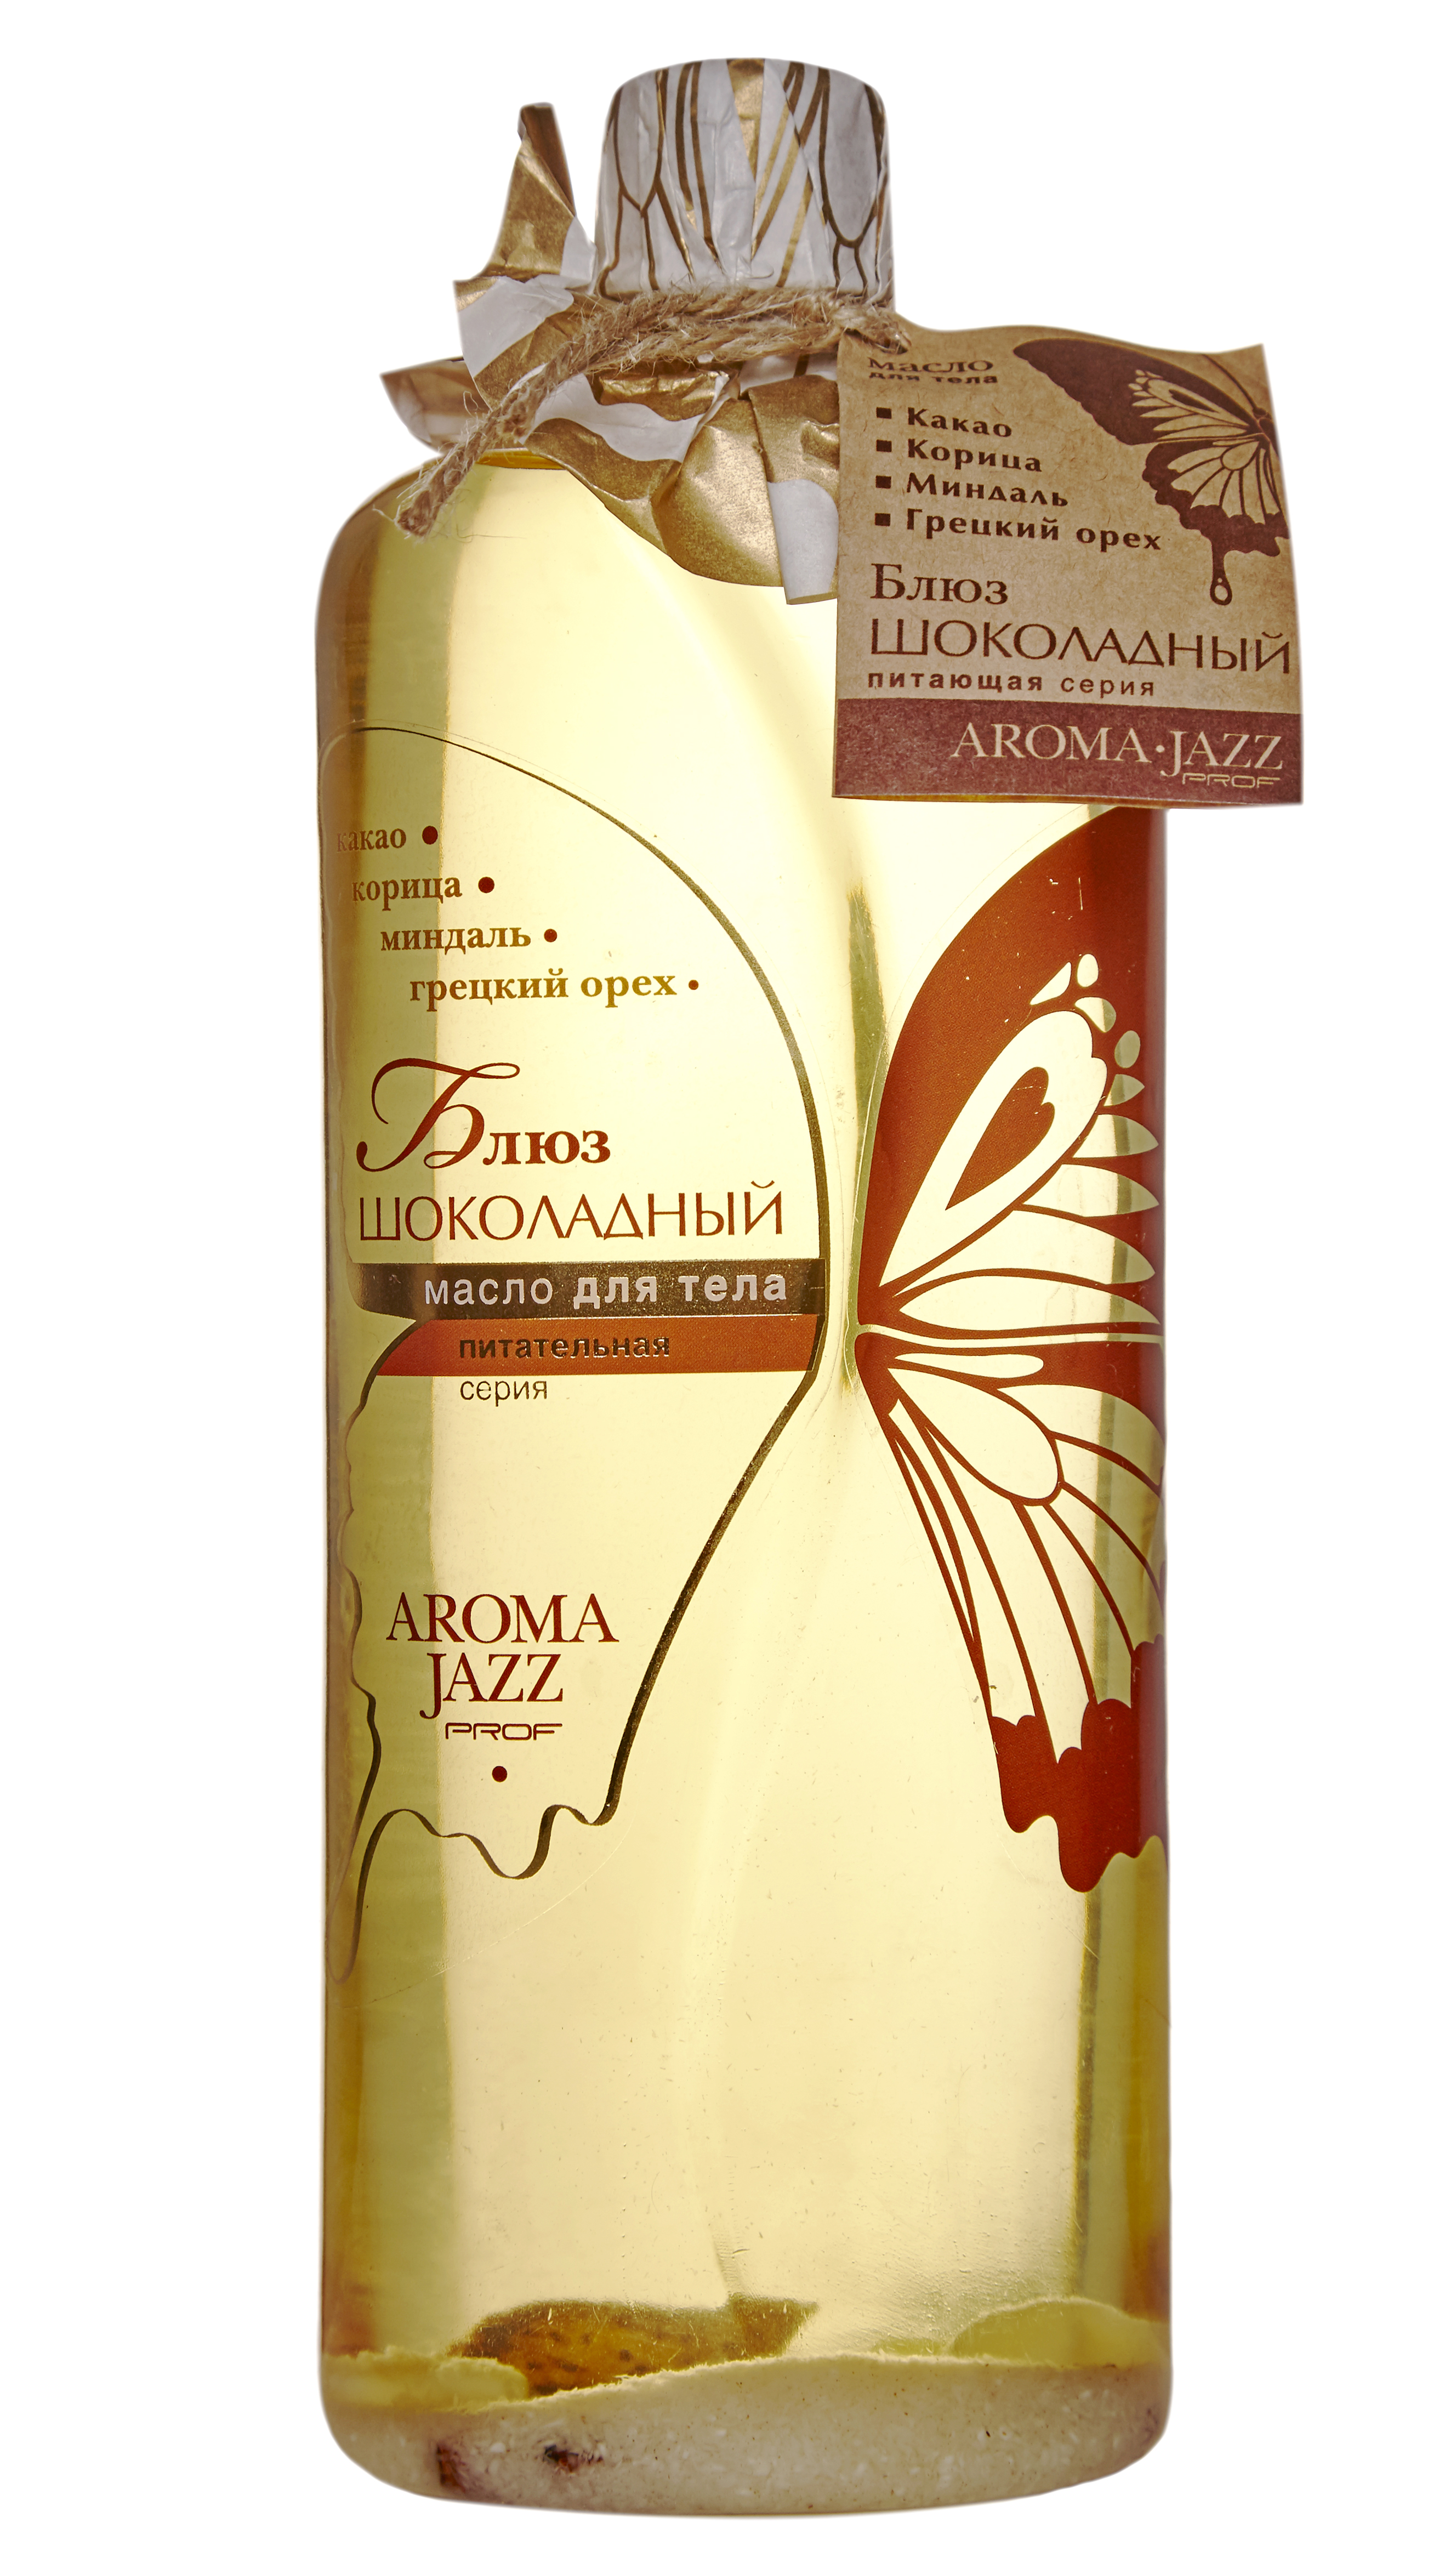 """AROMA JAZZ Масло массажное жидкое для тела """"Шоколадный блюз"""" 1000мл"""